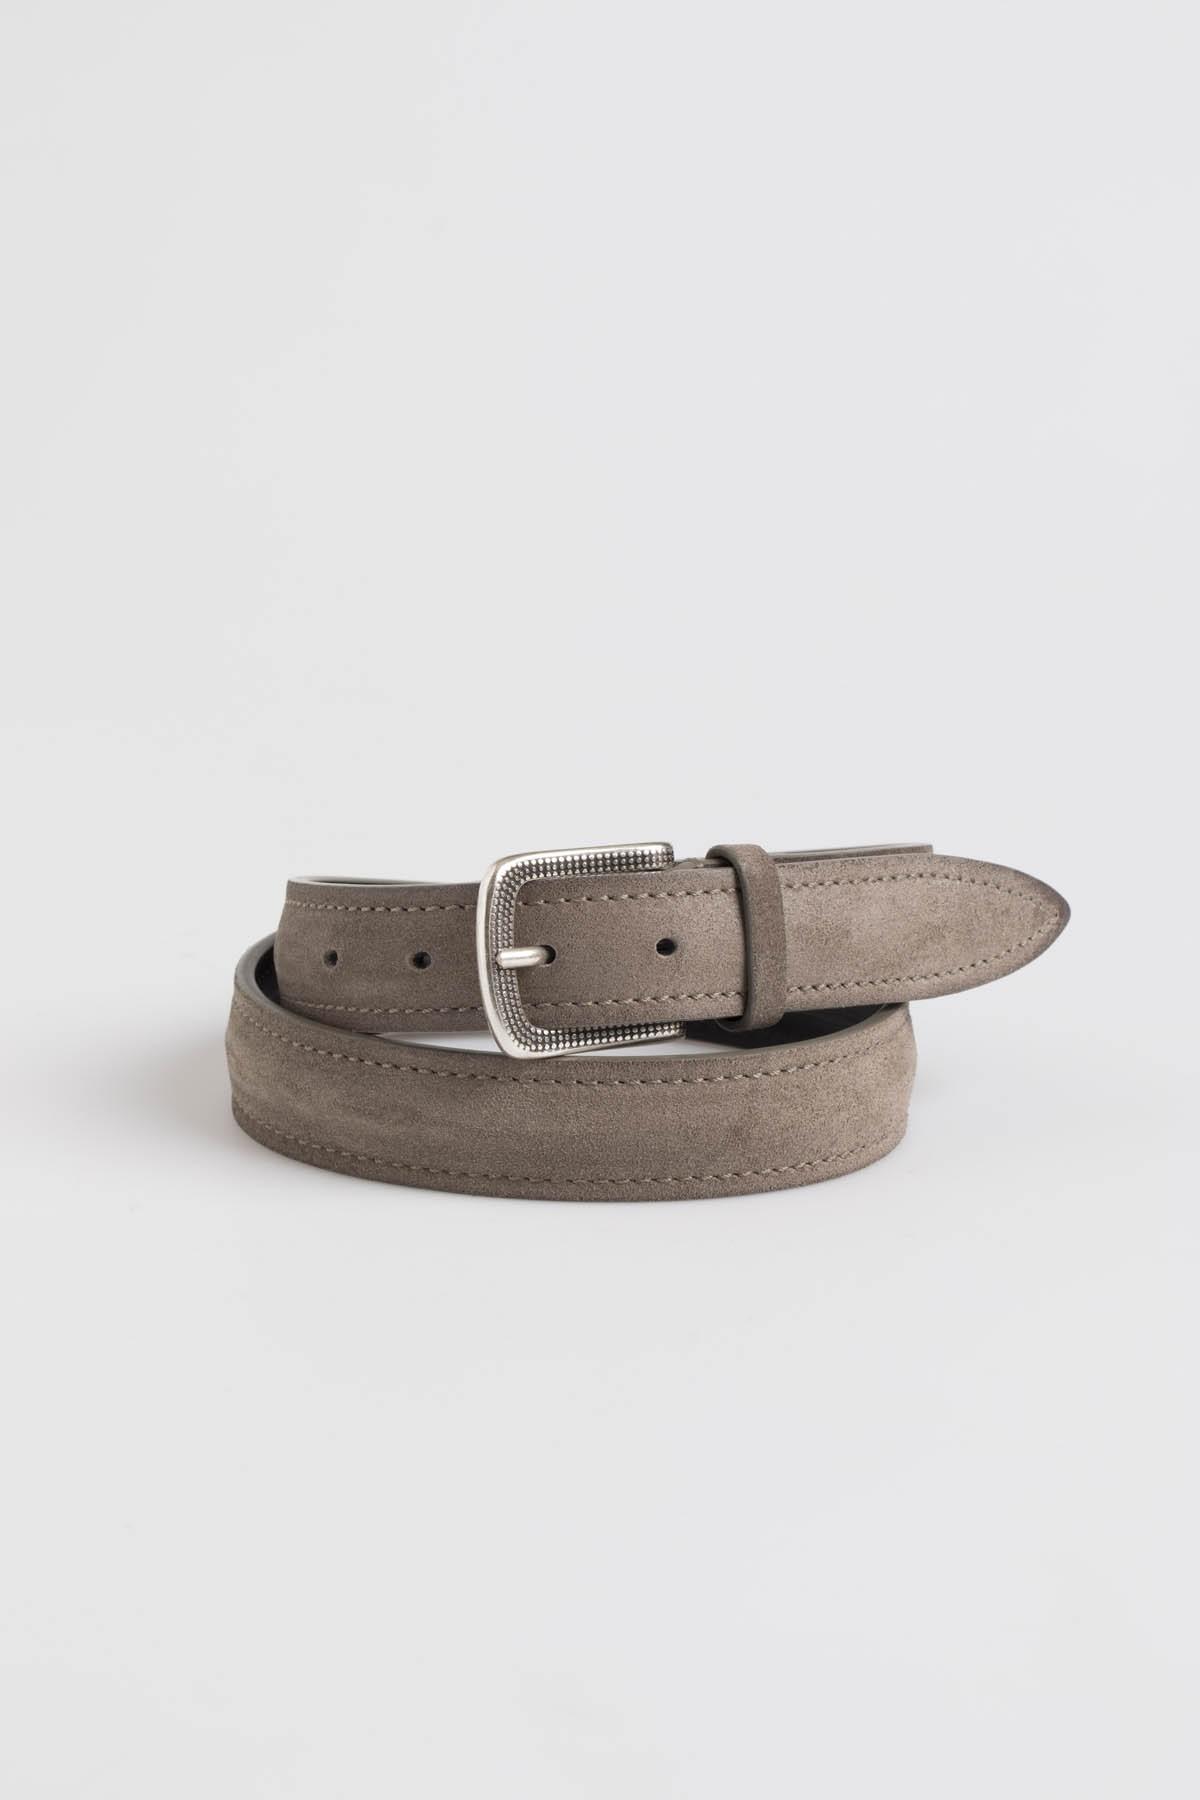 Belt SERGIO GAVAZZENI F/W 18-19